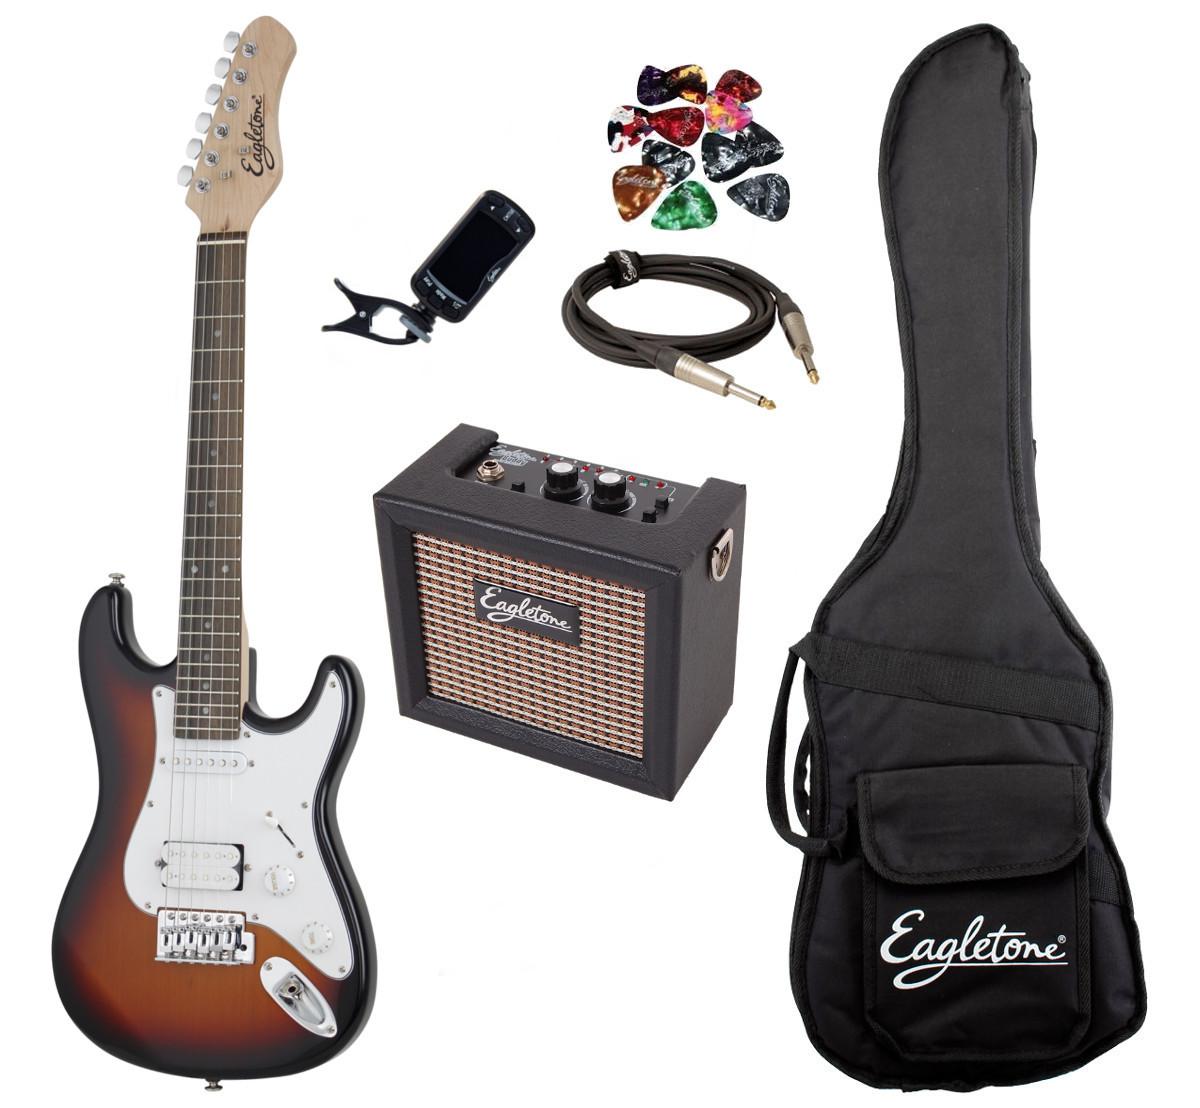 acheter une guitare electrique. Black Bedroom Furniture Sets. Home Design Ideas